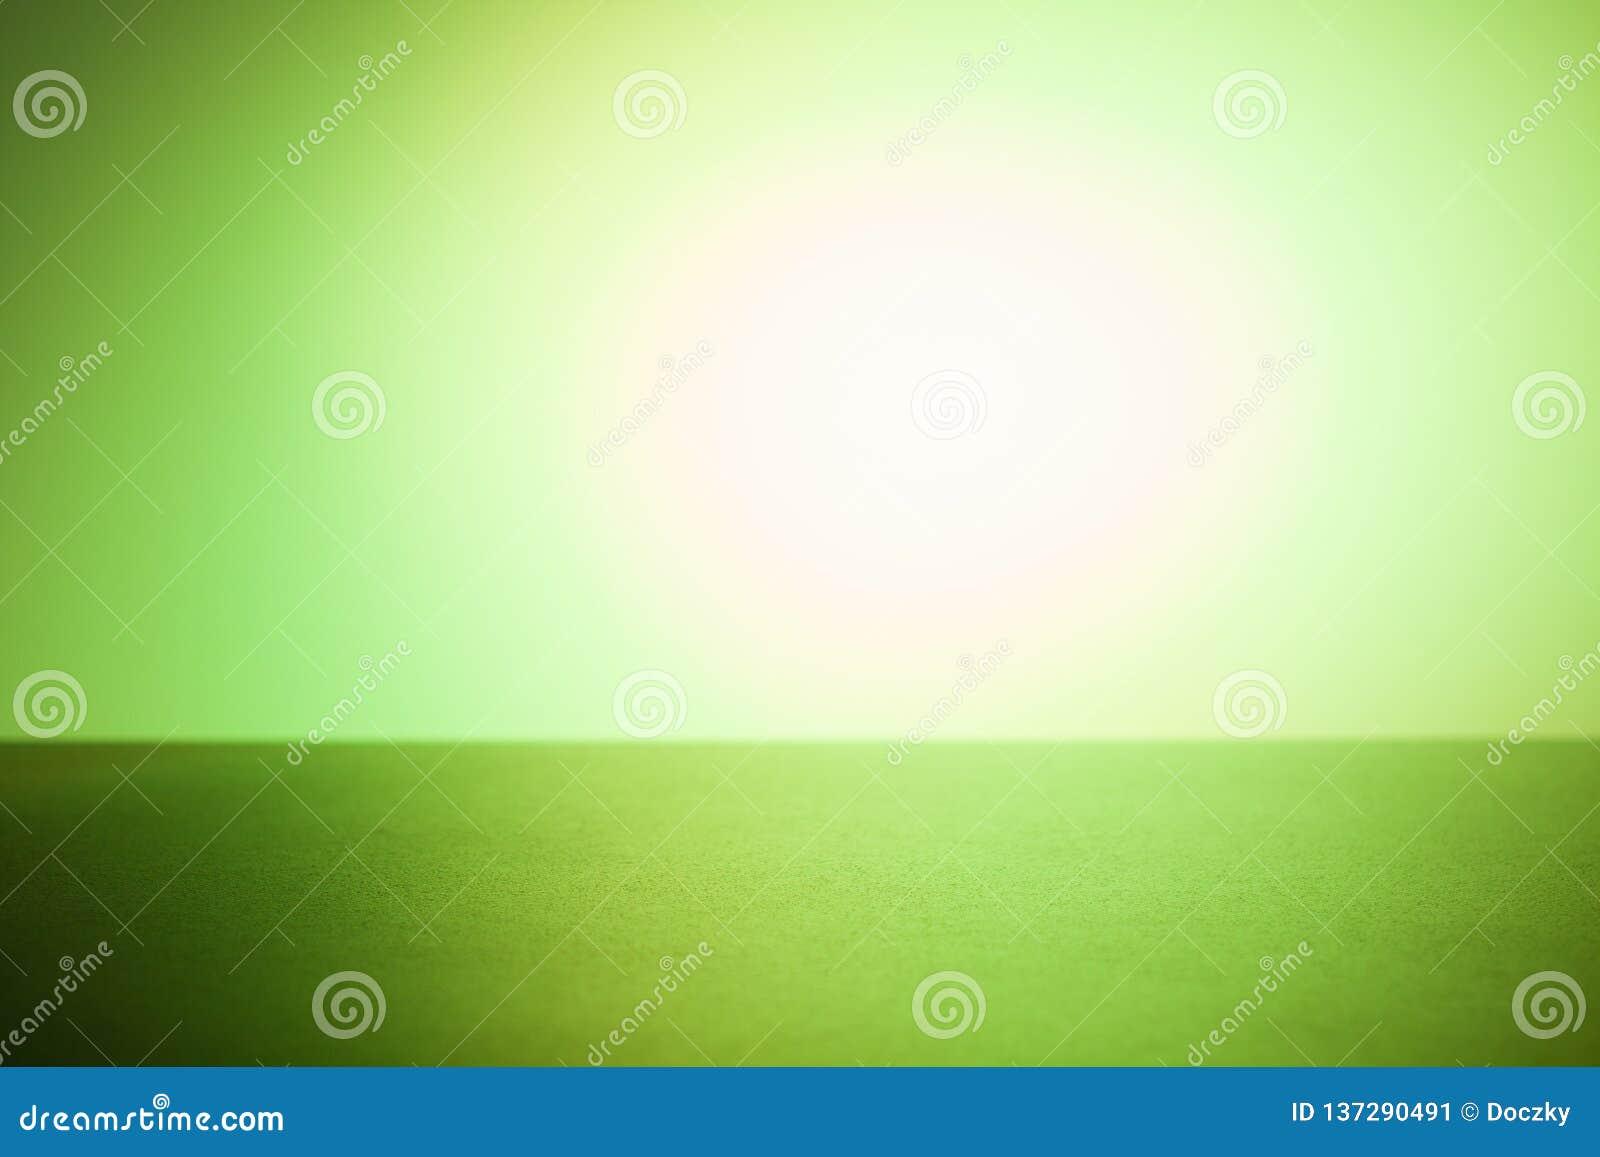 Πράσινο υπόβαθρο τοποθέτησης προϊόντων